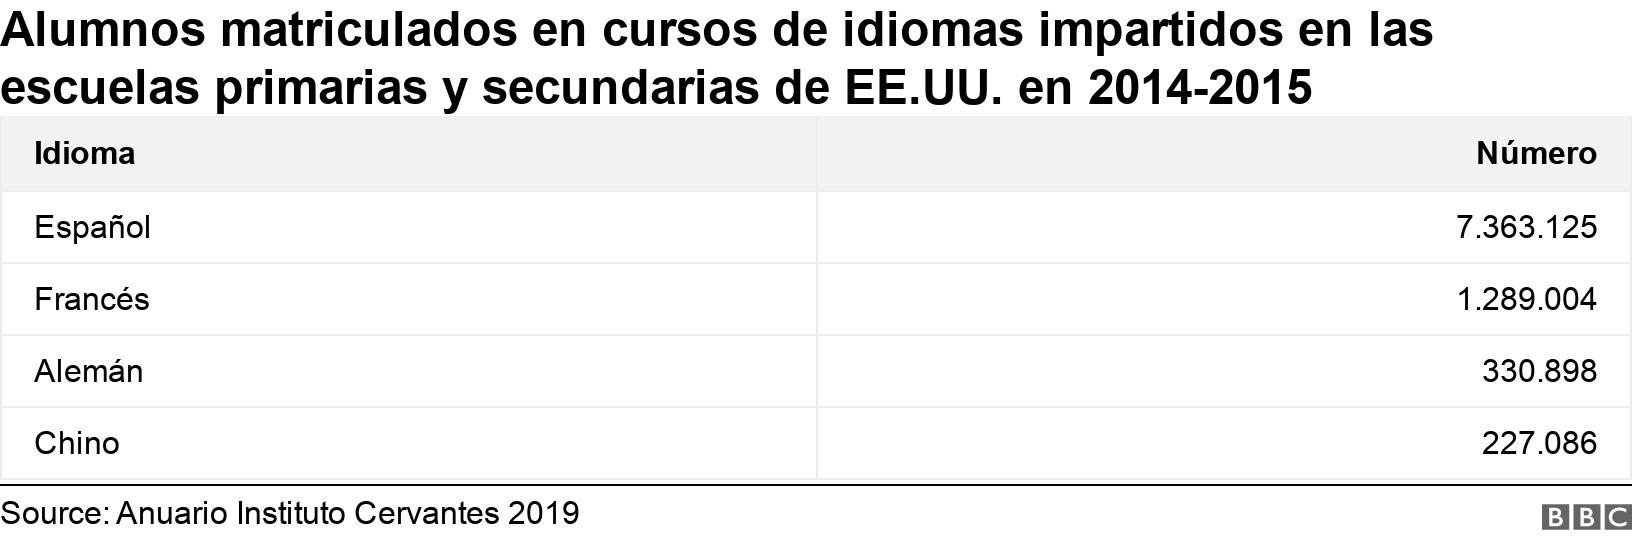 Alumnos matriculados en cursos de idiomas impartidos en las escuelas primarias y secundarias de EE.UU. en 2014-2015. .  .